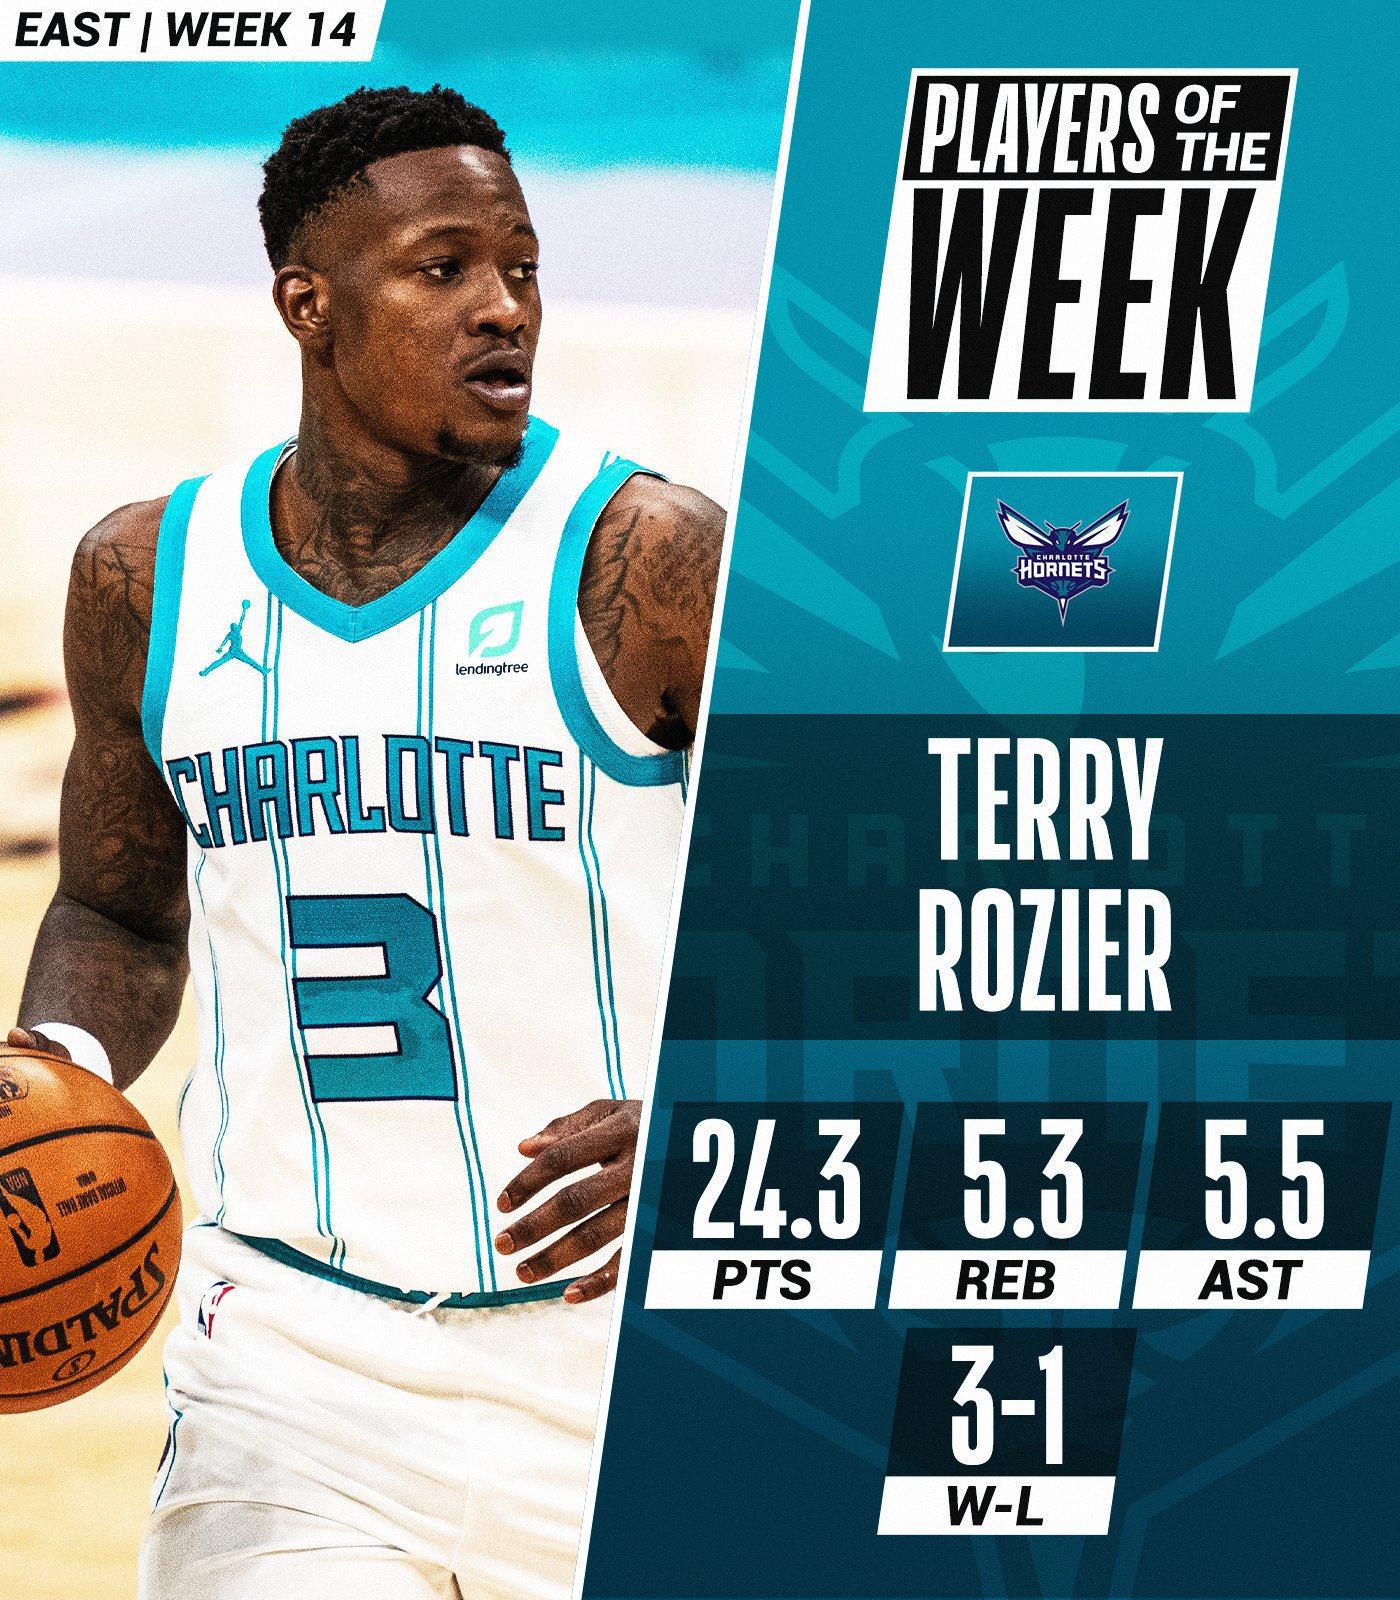 NBA週最佳球員出爐!黃蜂Rozier生涯首次當選,小狐狸場均36.8分迎來大爆發!-籃球圈